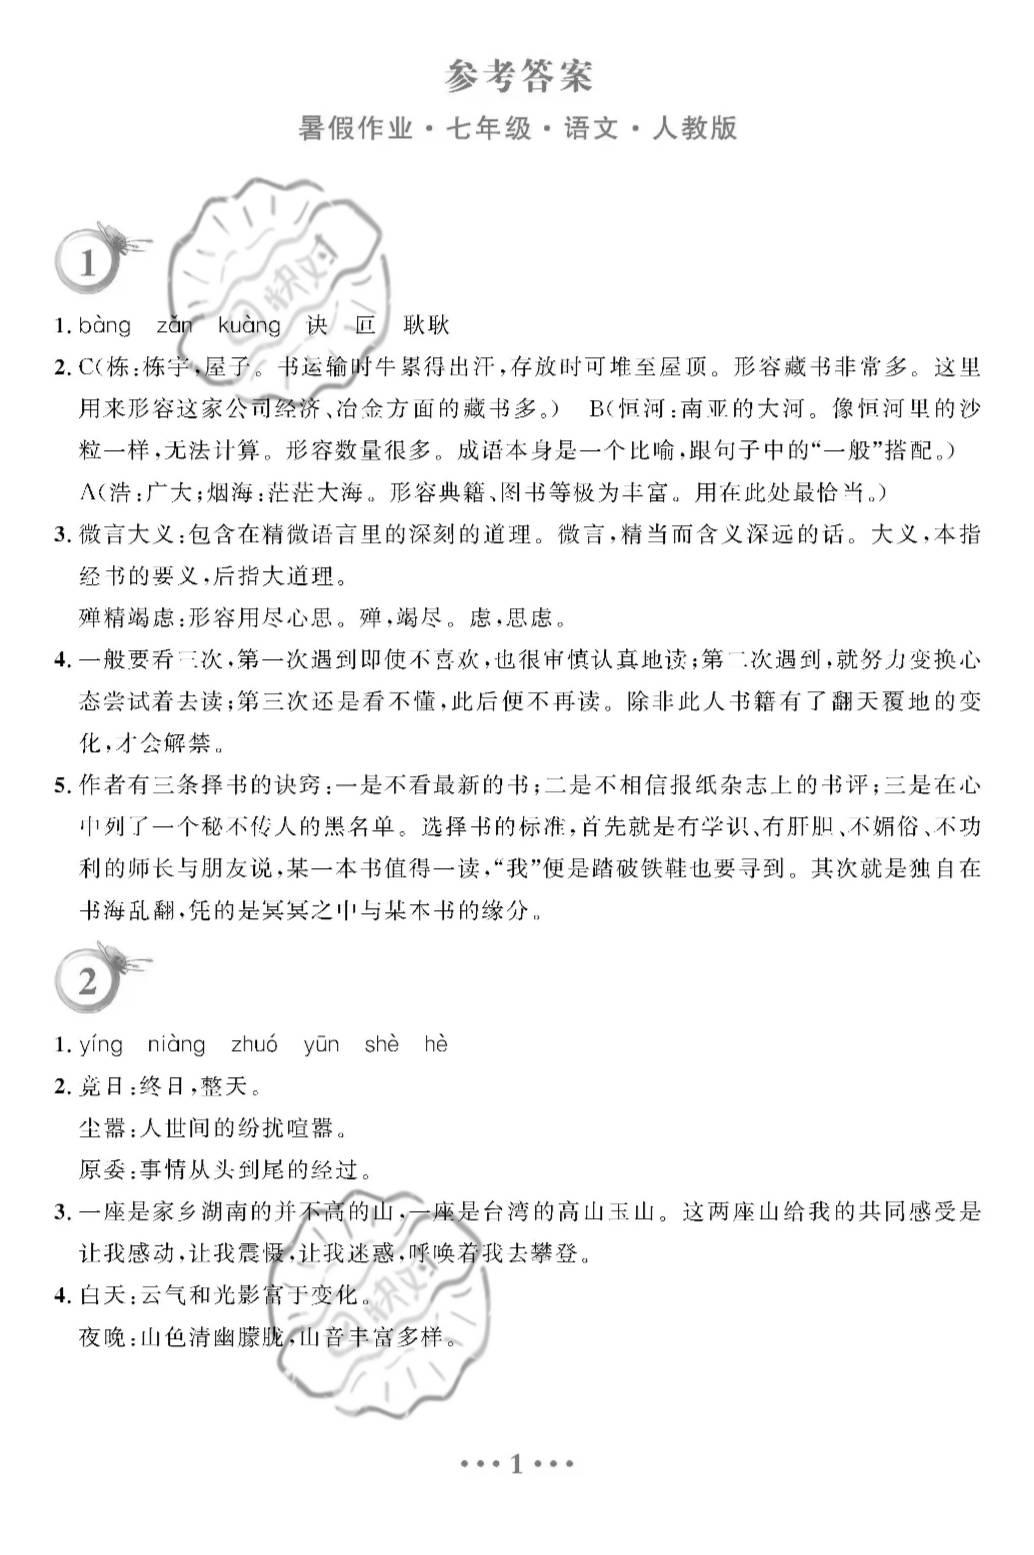 2019年暑假作业七年级语文人教版